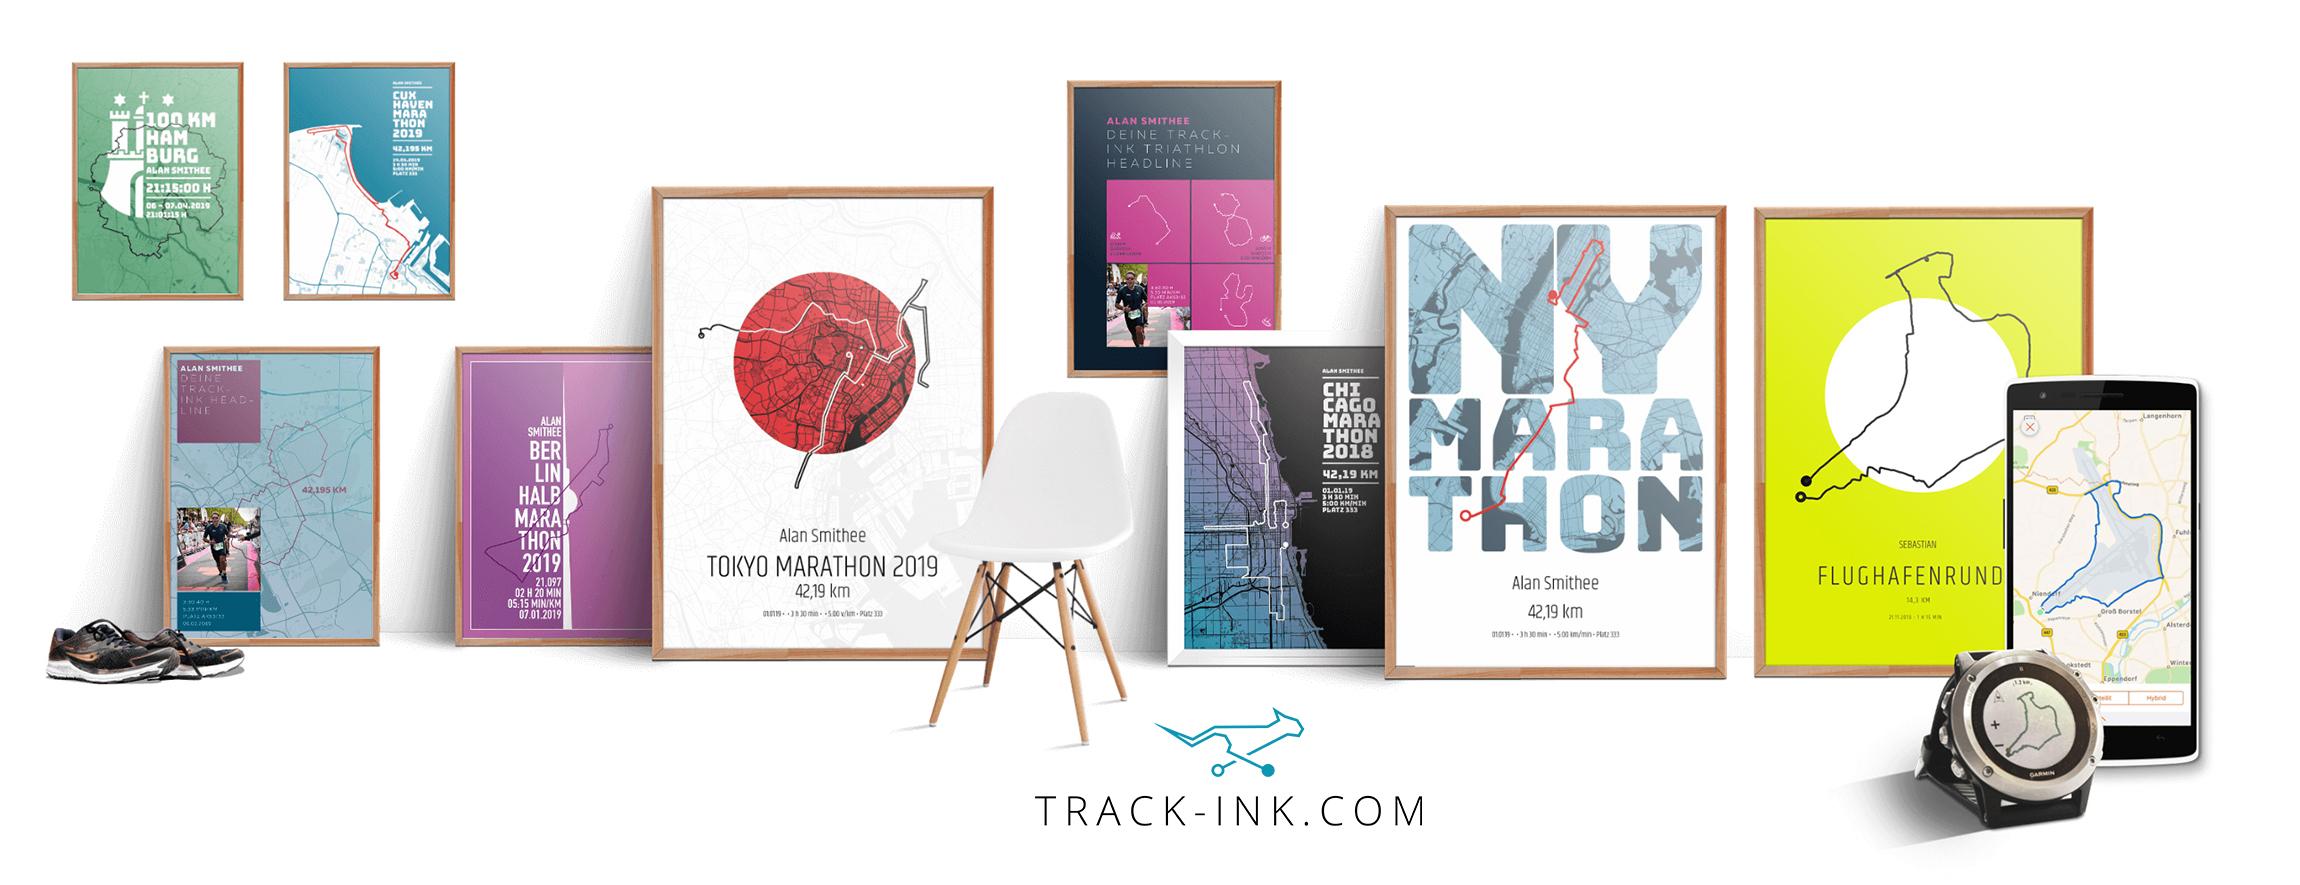 Track-ink verewigt GPX-Tracks als Design-Poster.